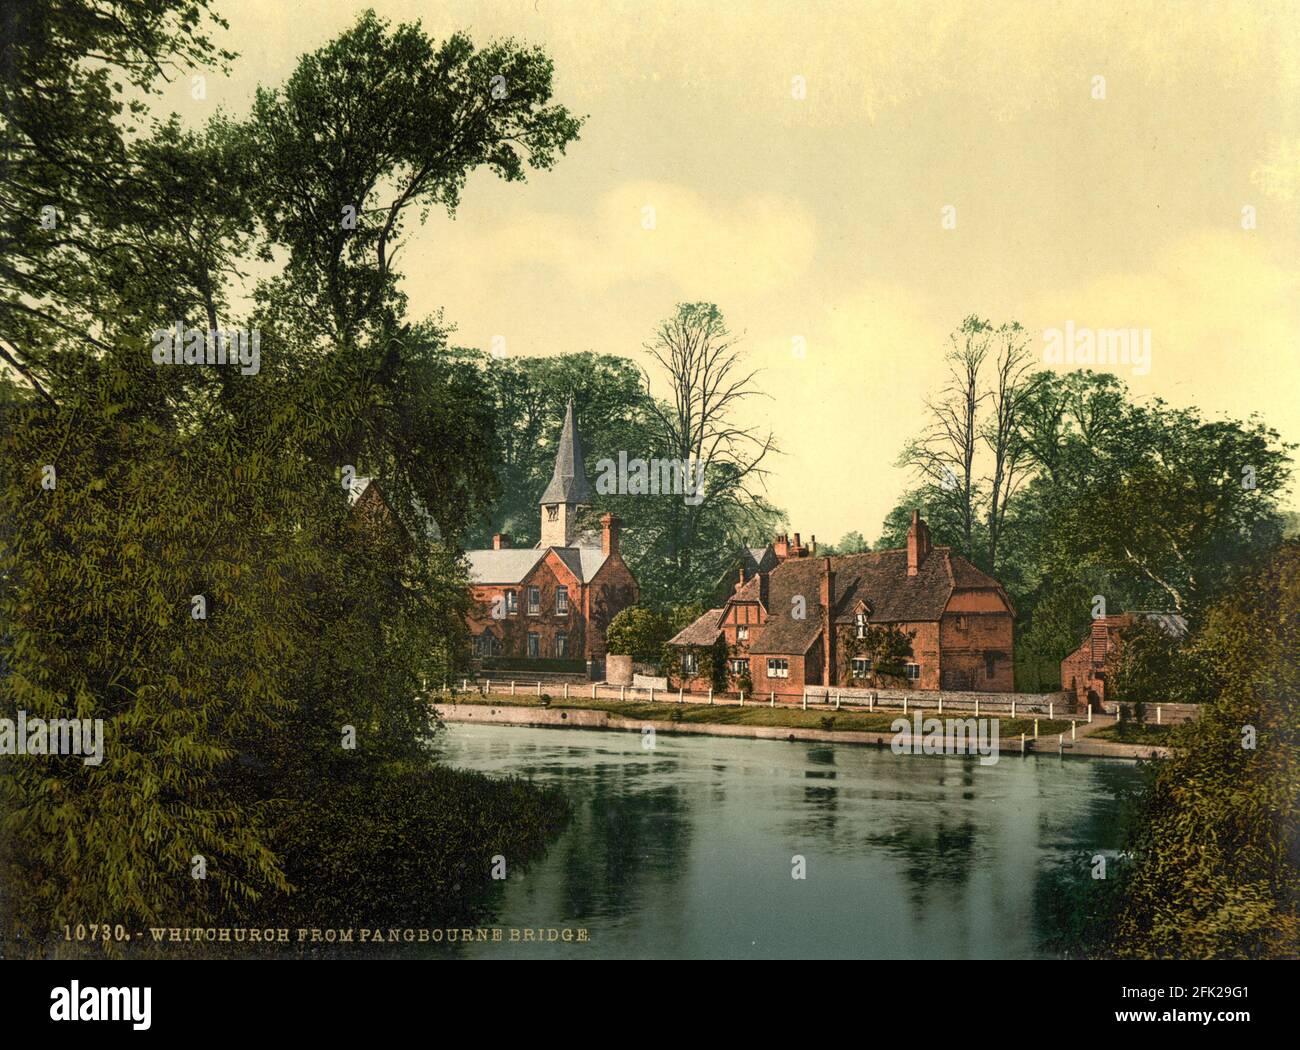 Whitchurch y el río Támesis en Berkshire desde donde se ve El puente de WhitchCh alrededor de 1890-1900 Foto de stock